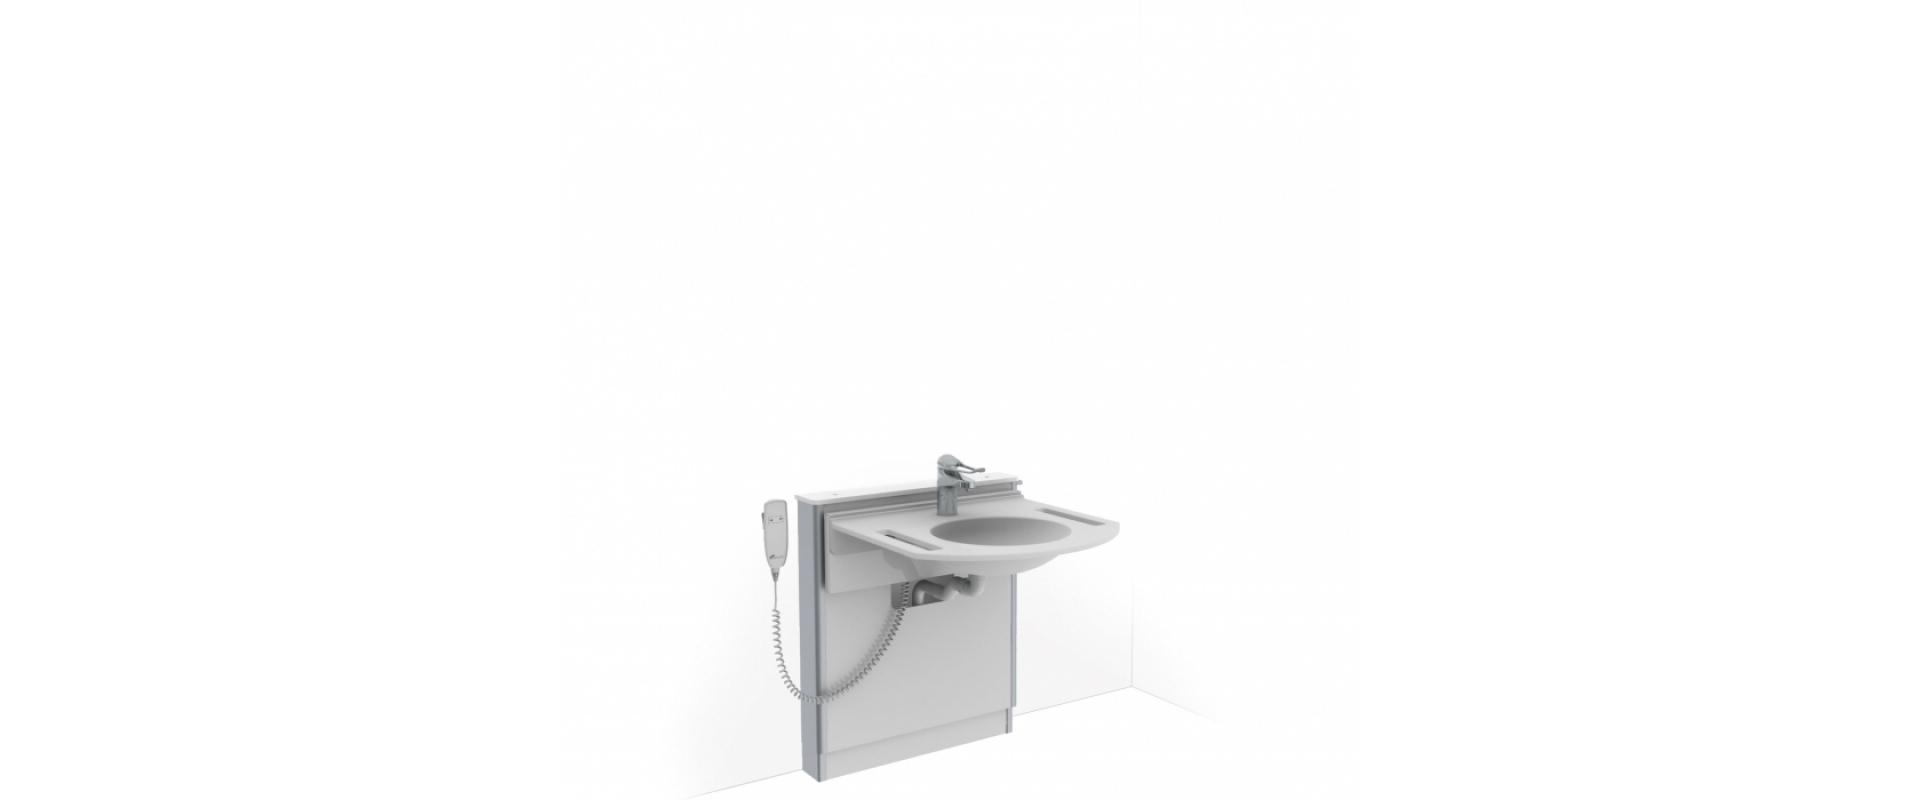 <b>Tvättställsmodul BASICLINE 415-15</b>